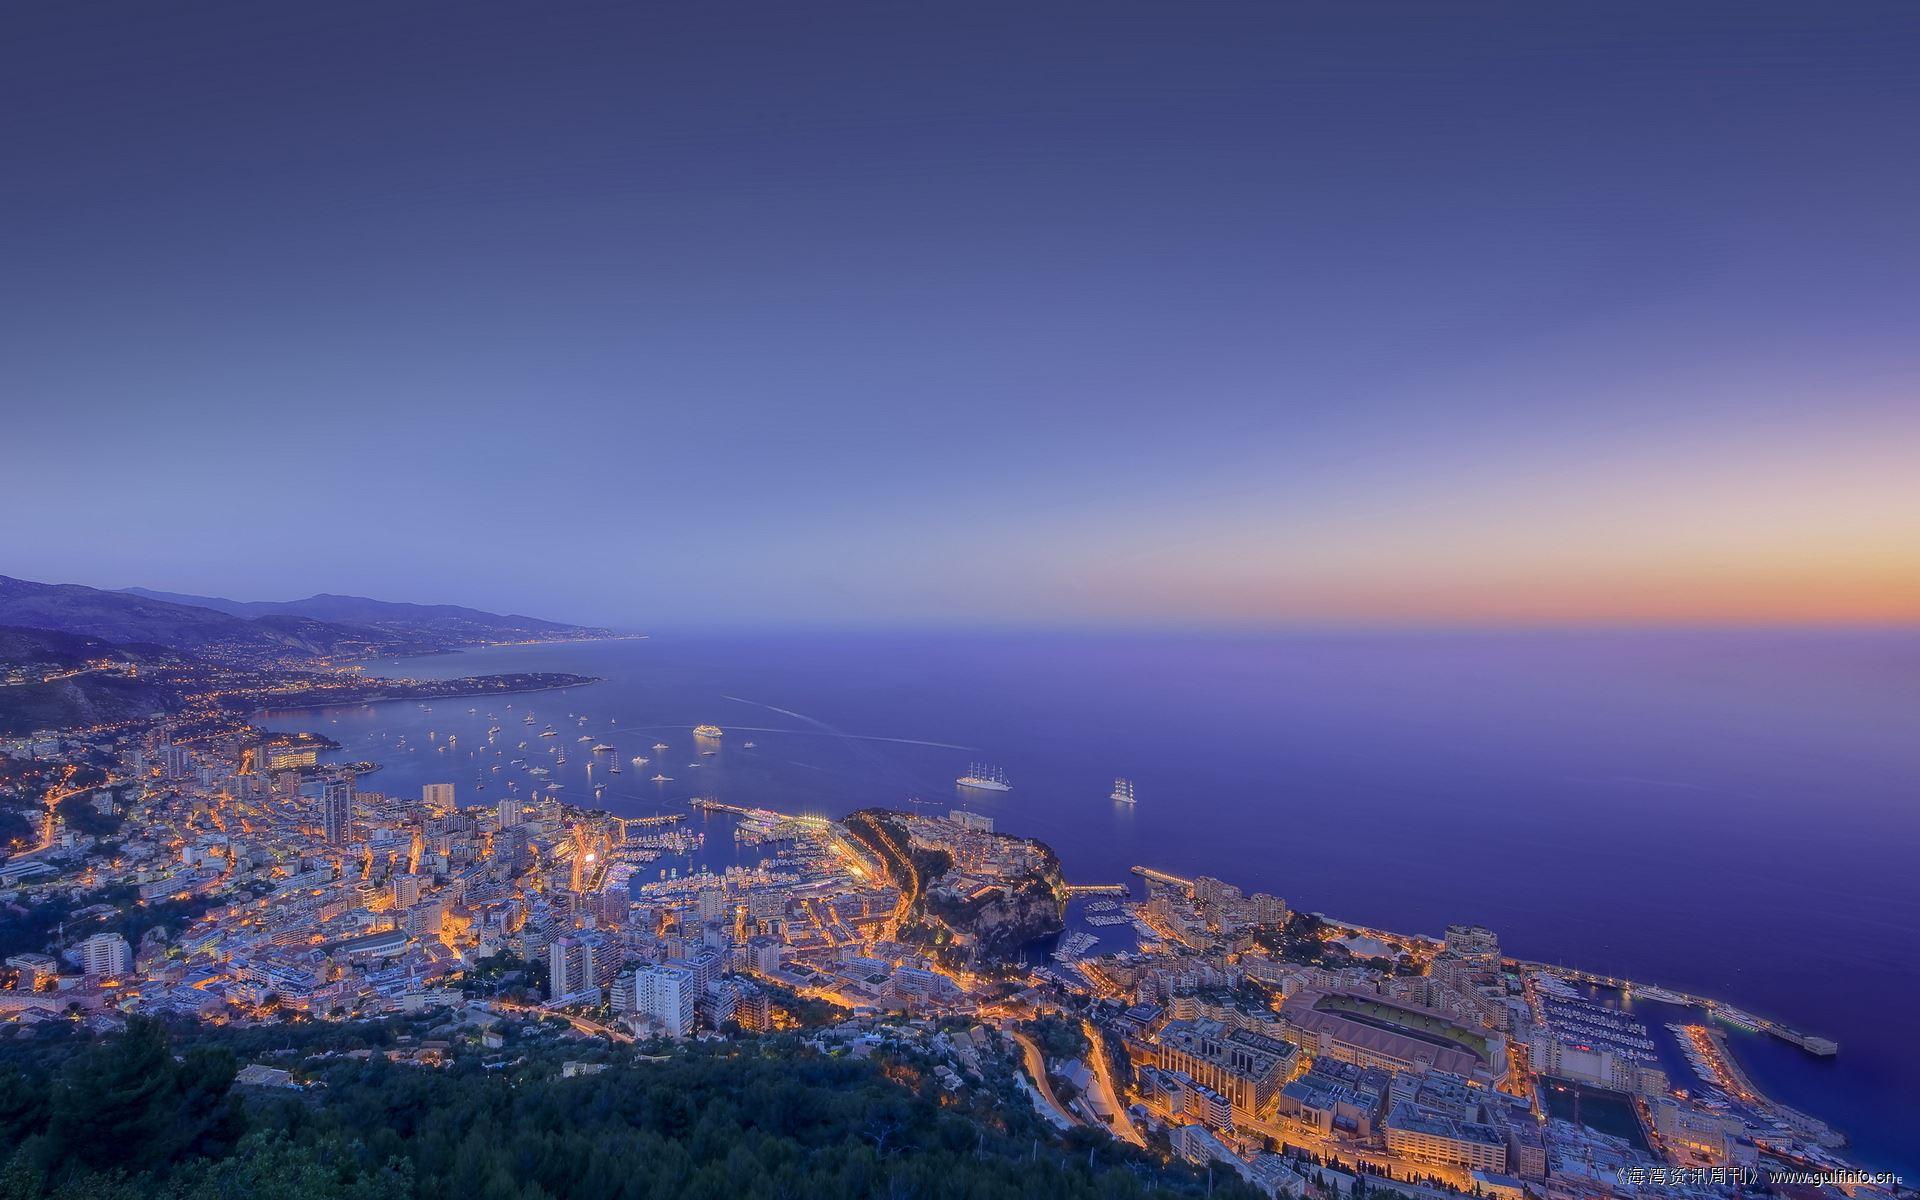 投资摩洛哥:进入欧洲市场的最佳平台